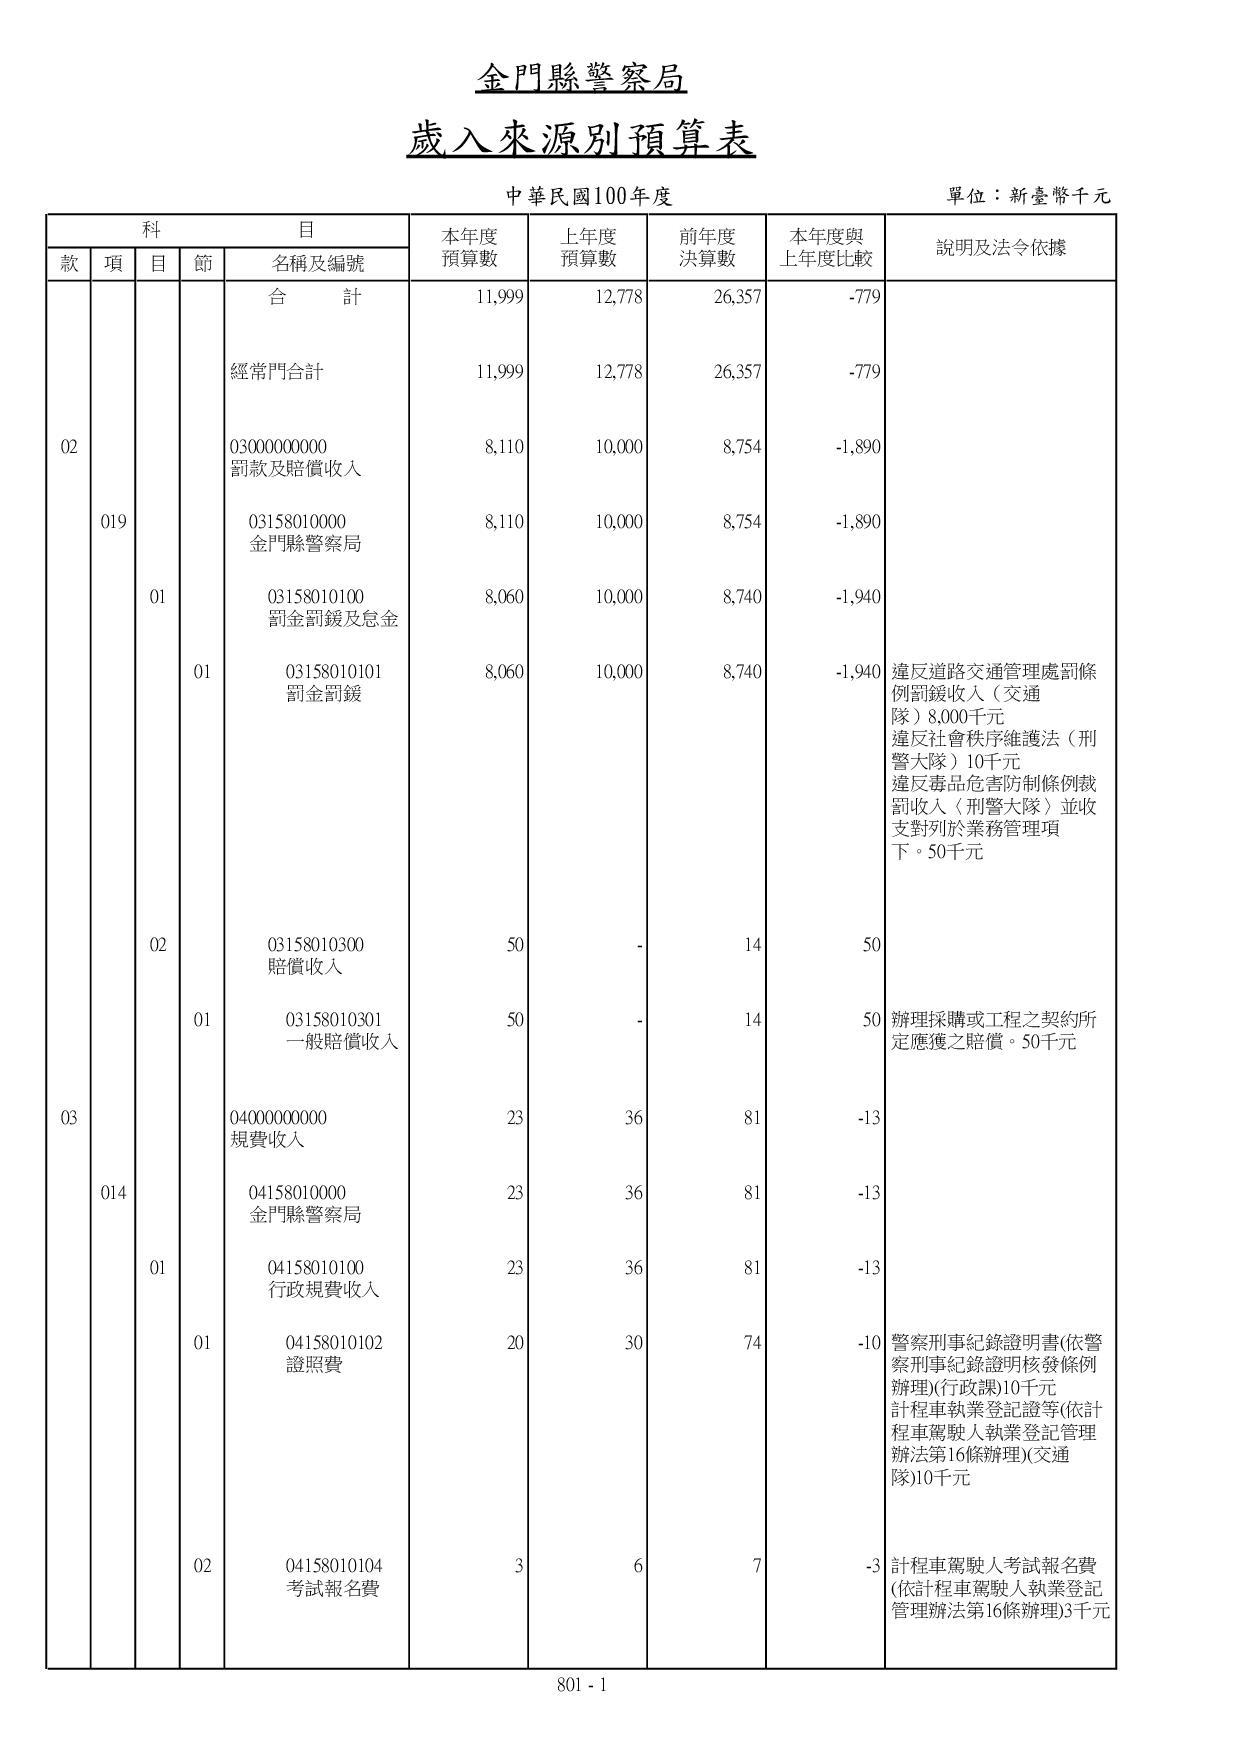 100年度歲入來源別預算表